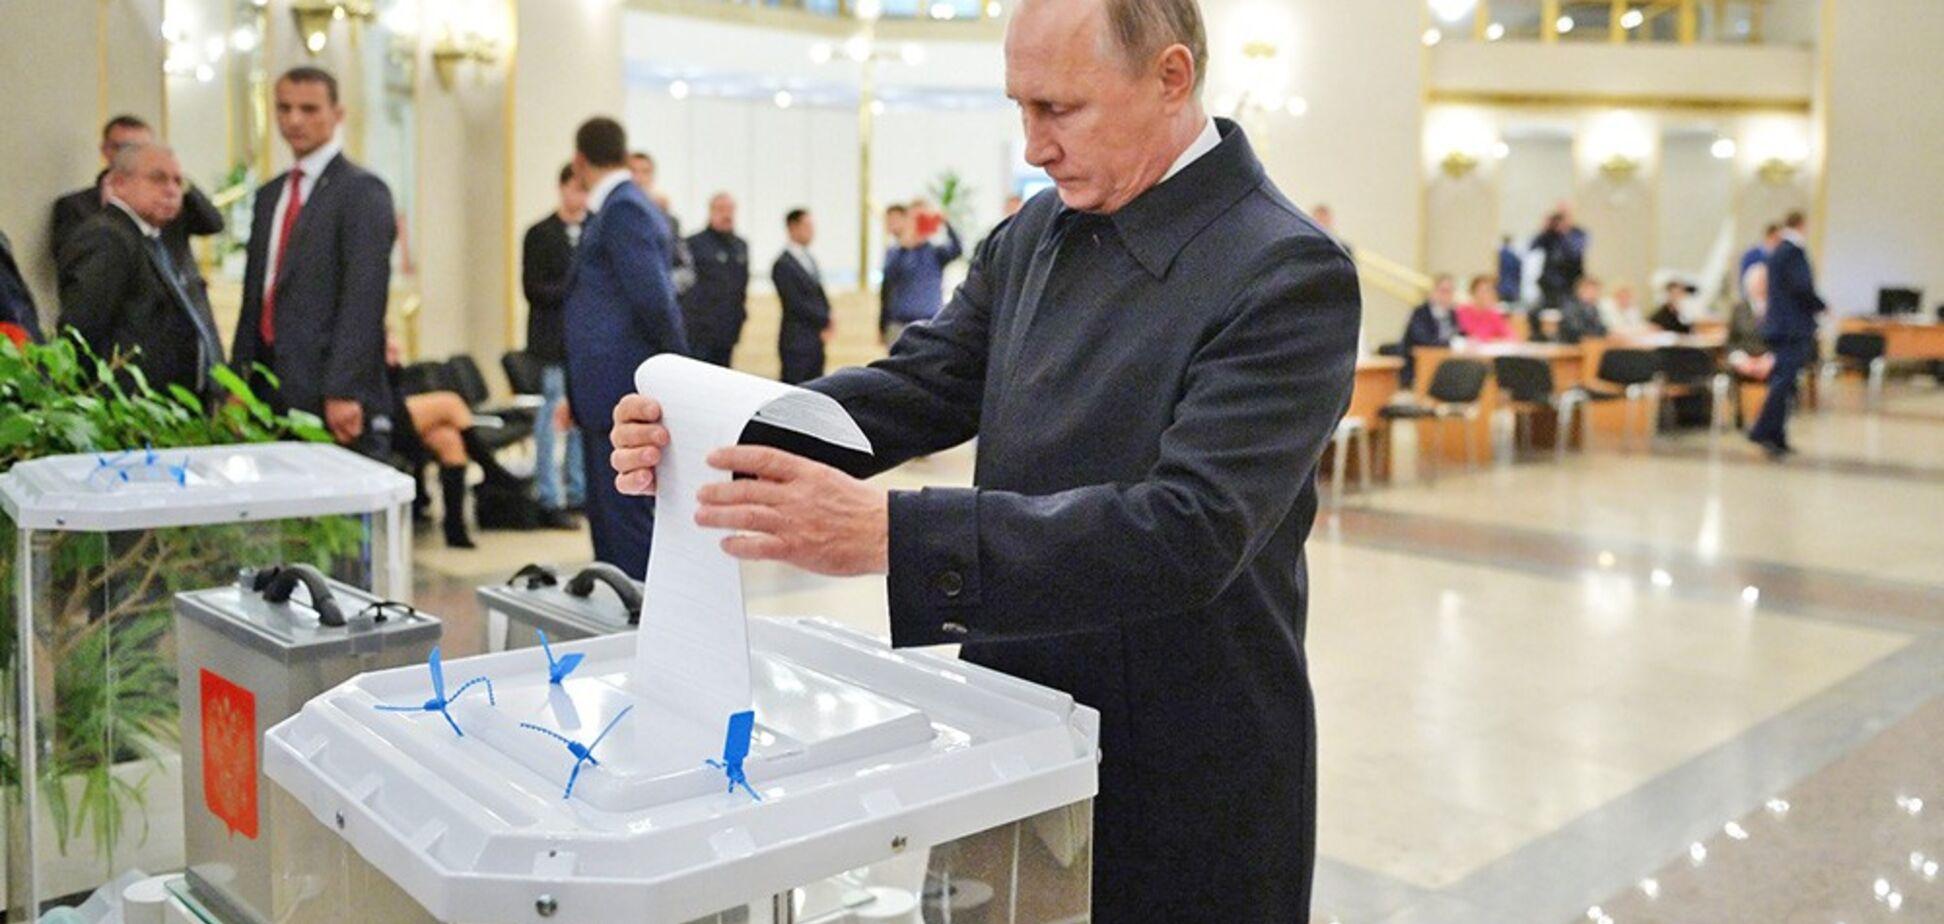 Выборы Путина: российский политолог спрогнозировала сюрприз